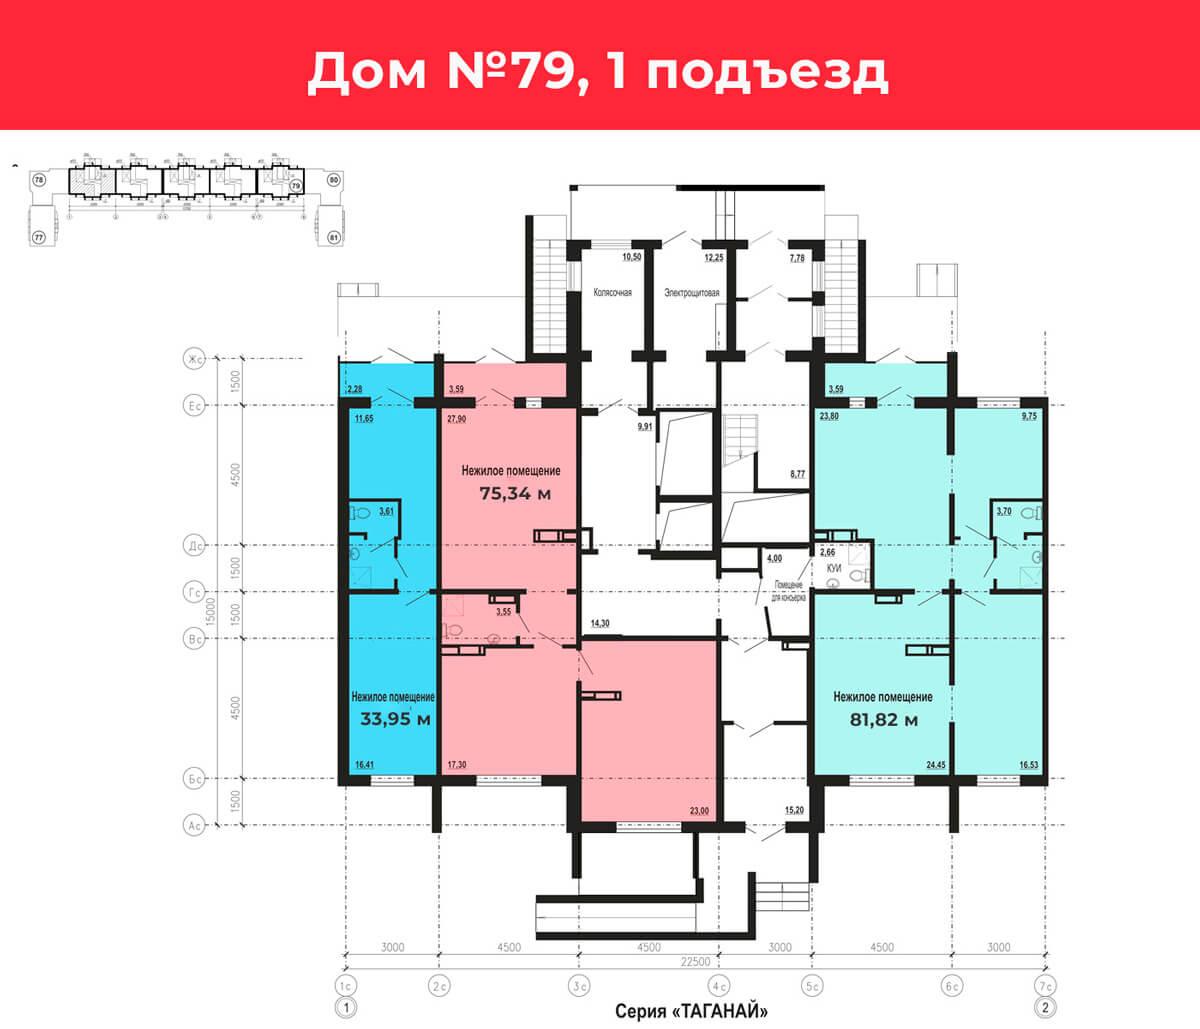 Академ Riverside — Коммерческая недвижимость